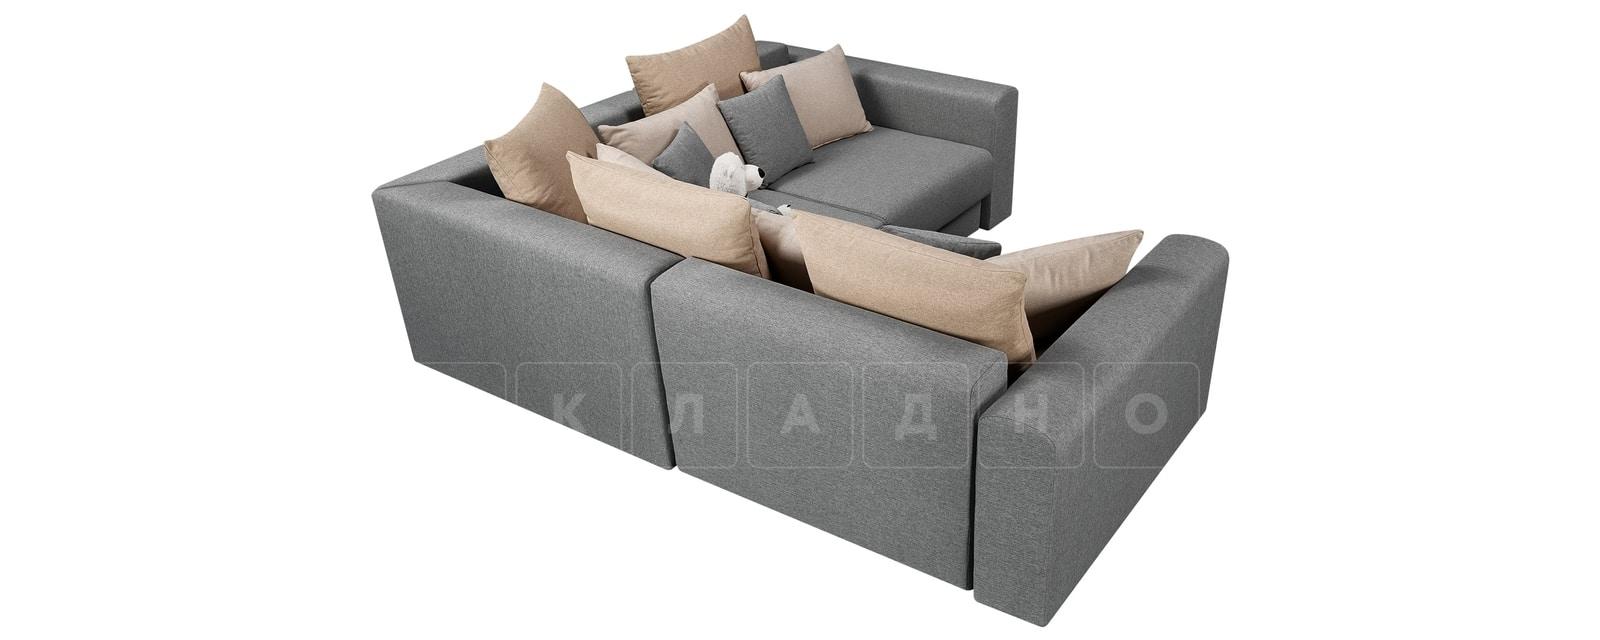 Угловой диван Медисон серый 244х224 см фото 3 | интернет-магазин Складно